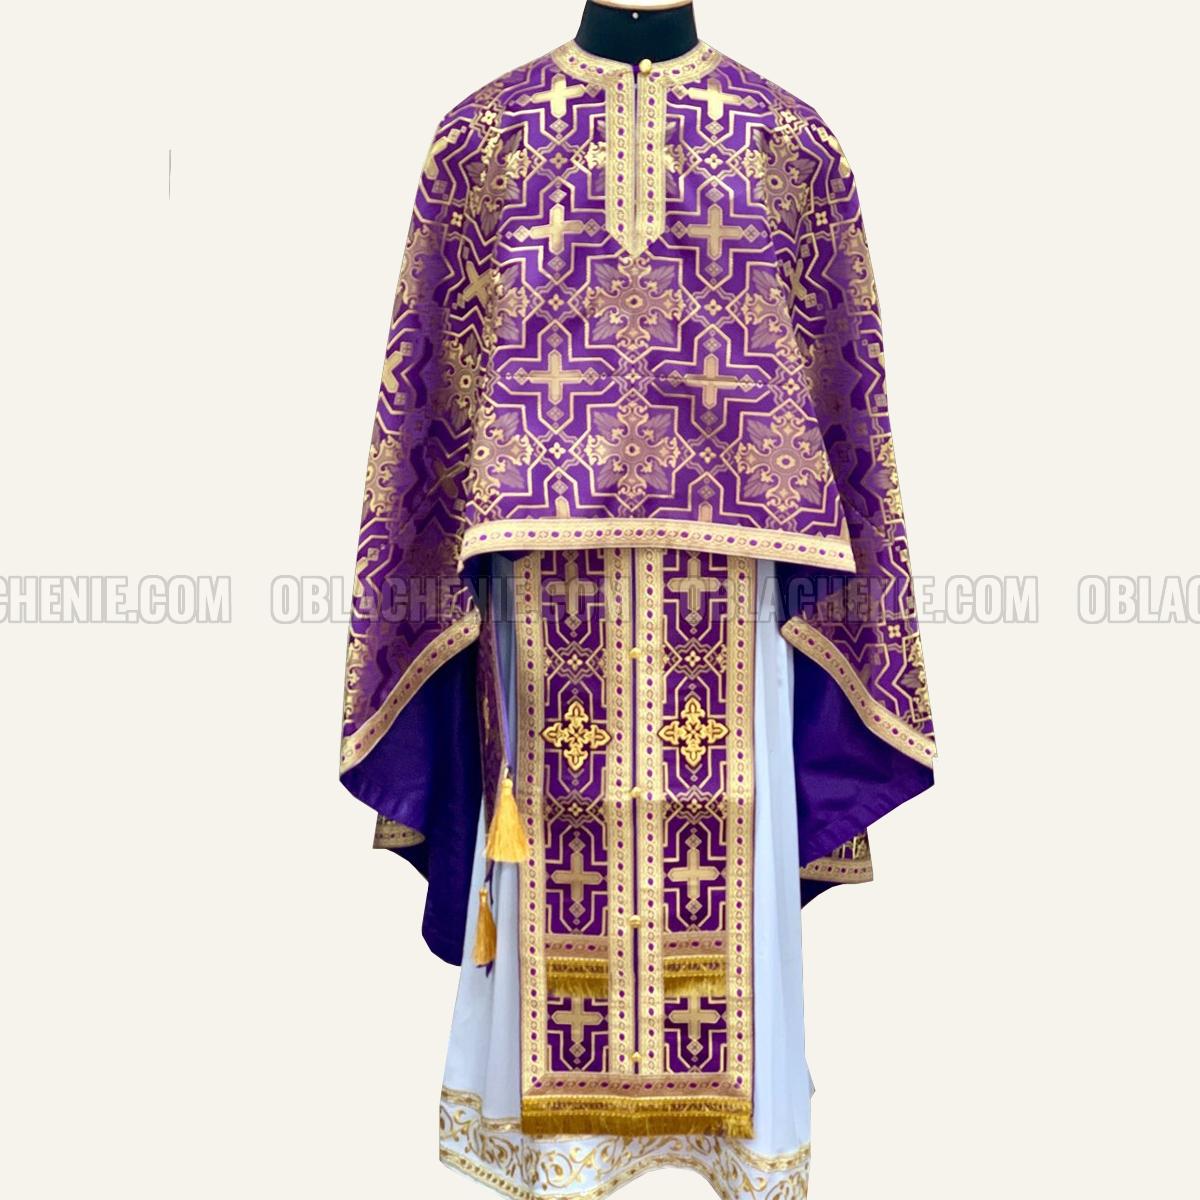 Priest's vestments 10136